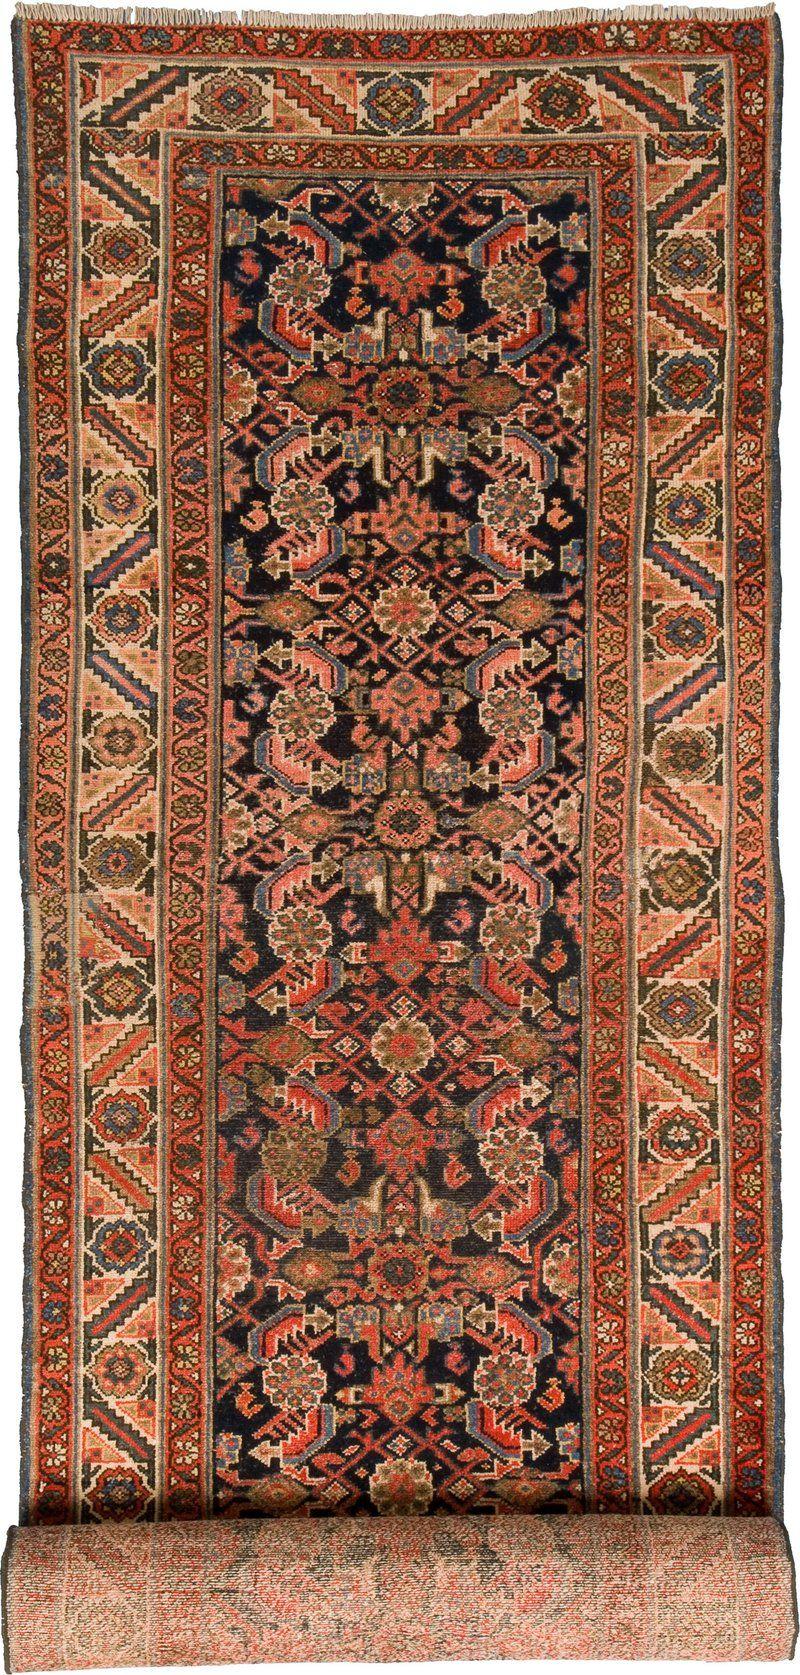 Tappeto Malayer Antico Dimensione 110x515 Rey Carpets